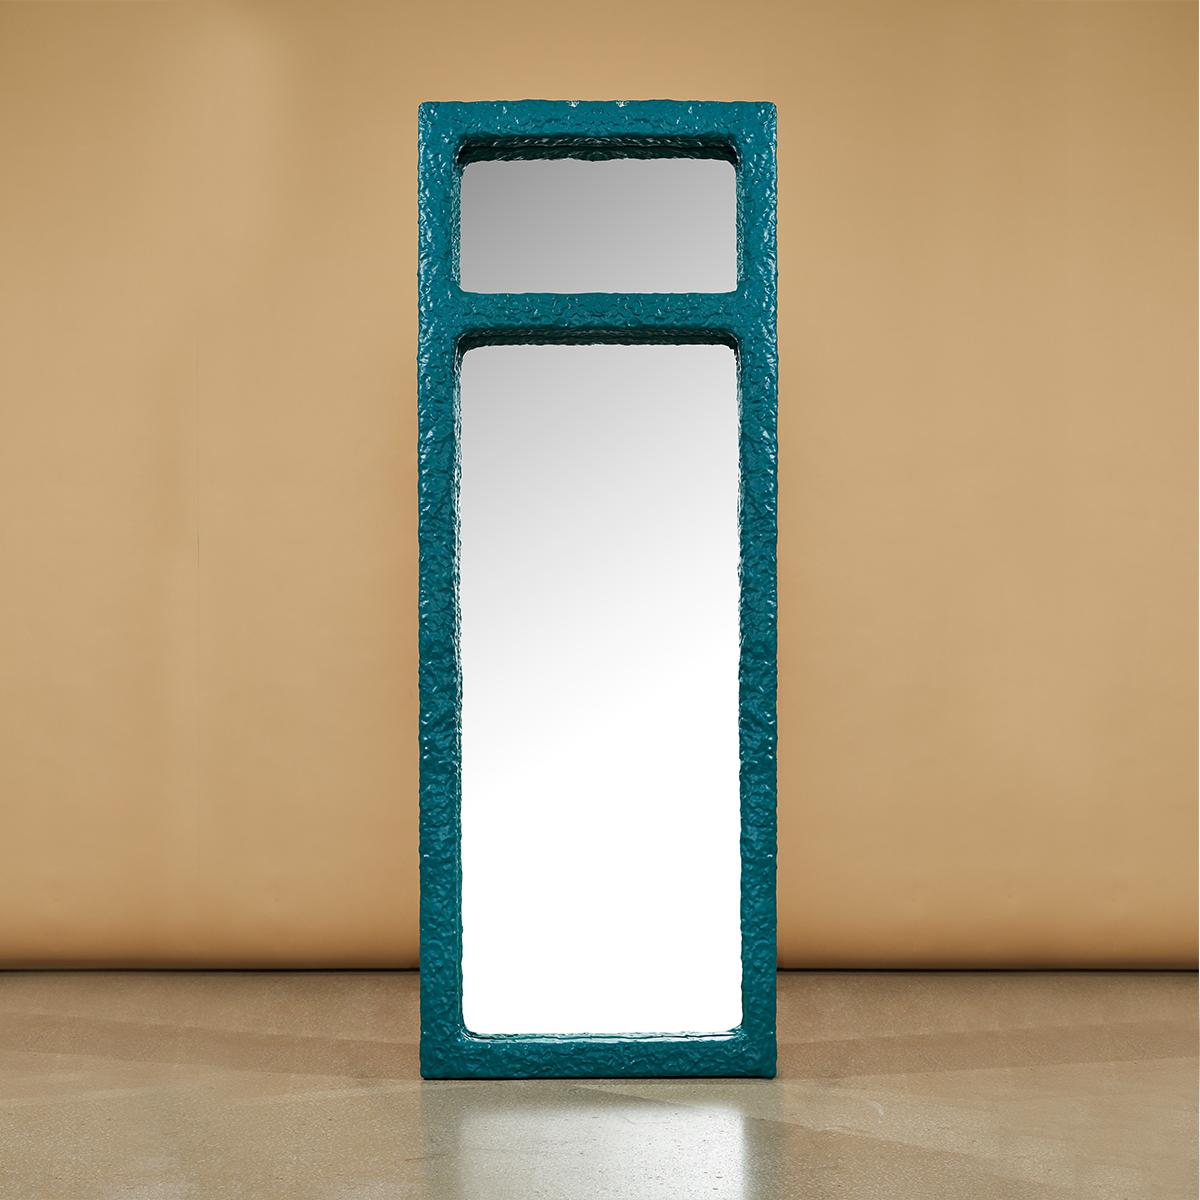 플랫폼엘 신다인 Small Hall Series - Mirror